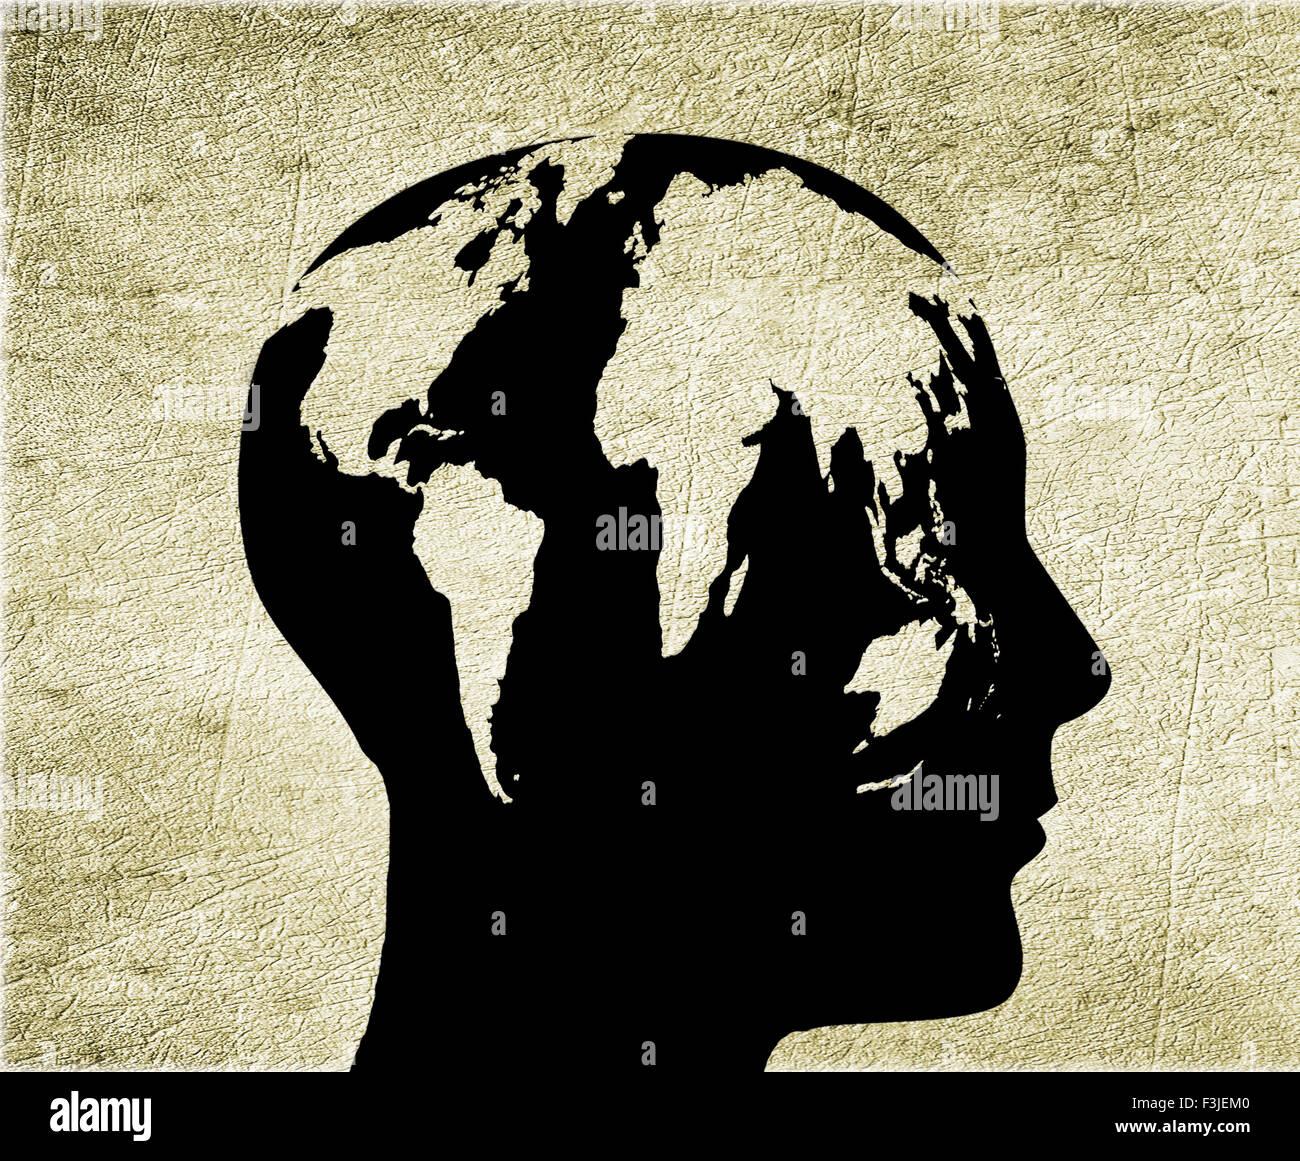 Hombre con cabeza mundial ilustración digital Imagen De Stock